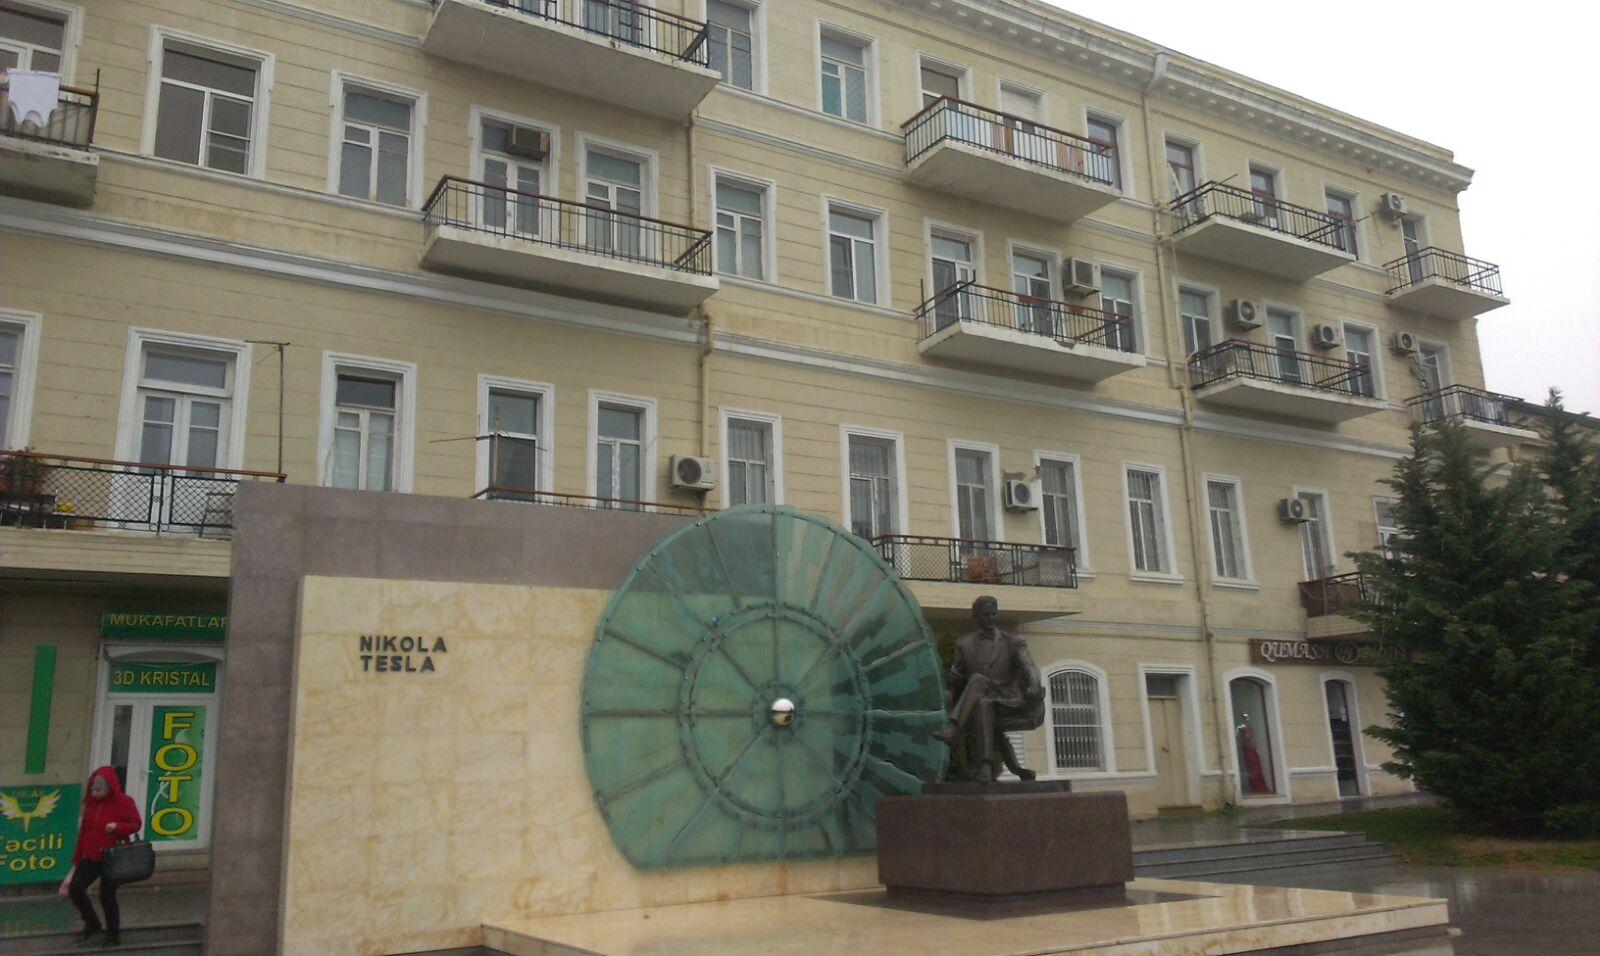 На  проспекте Азадлыг, неподалёку от метростанции «28 май»,   рядом с  памятником в честь «Никола Теслы», продаётся 2-х комнатная квартира...